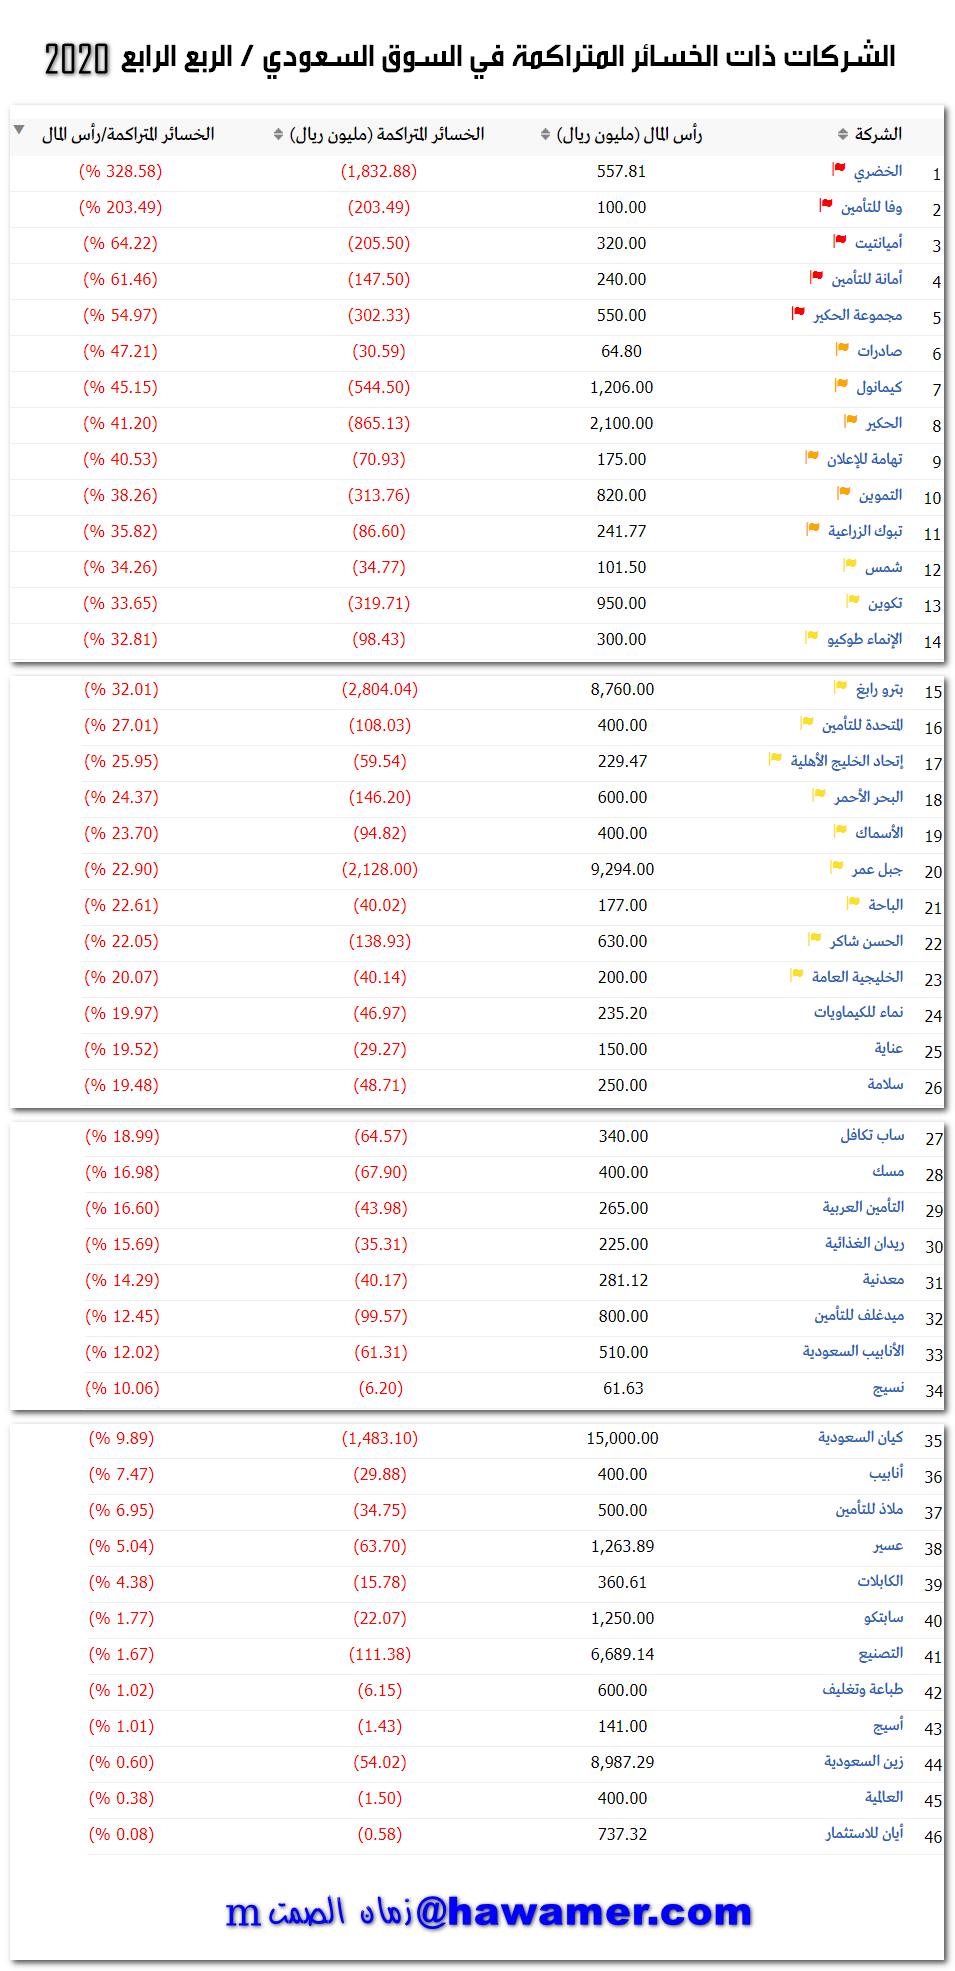 رد: الشركات ذات الخسائر المتراكمة في السوق السعودي